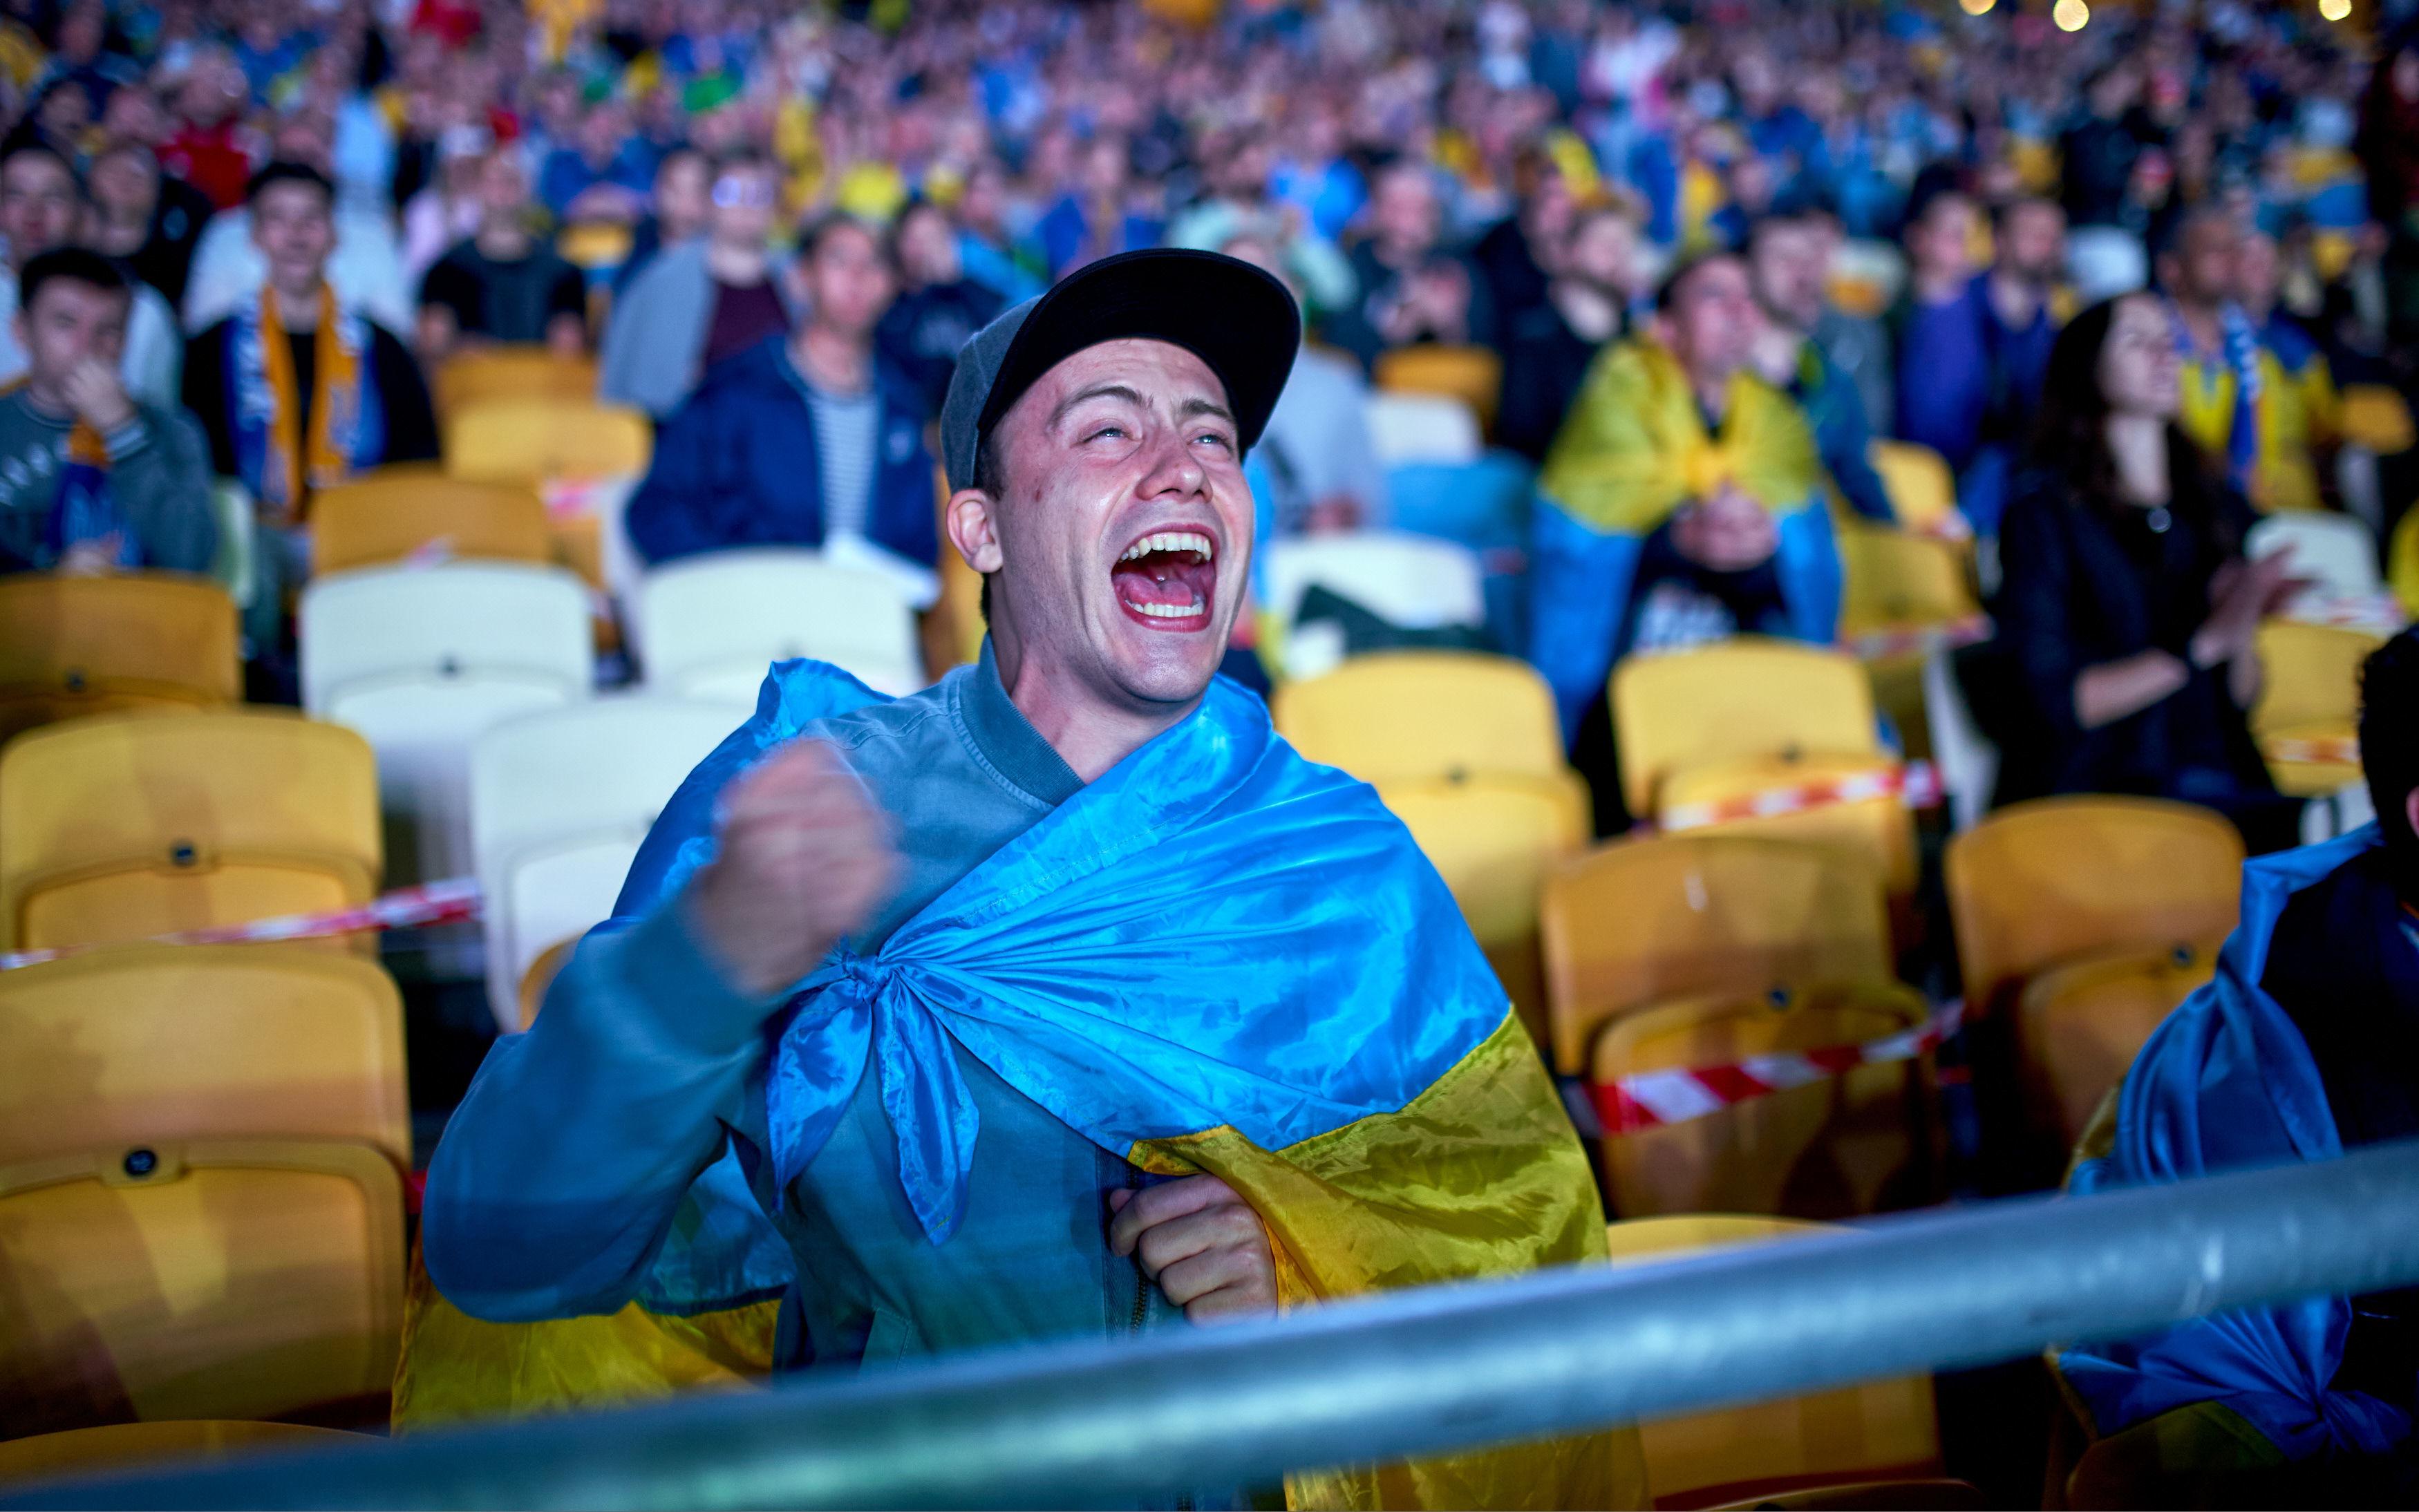 Евро 2020: 10 тысяч украинцев поддержали национальную сборную на Олимпийском - фото 9